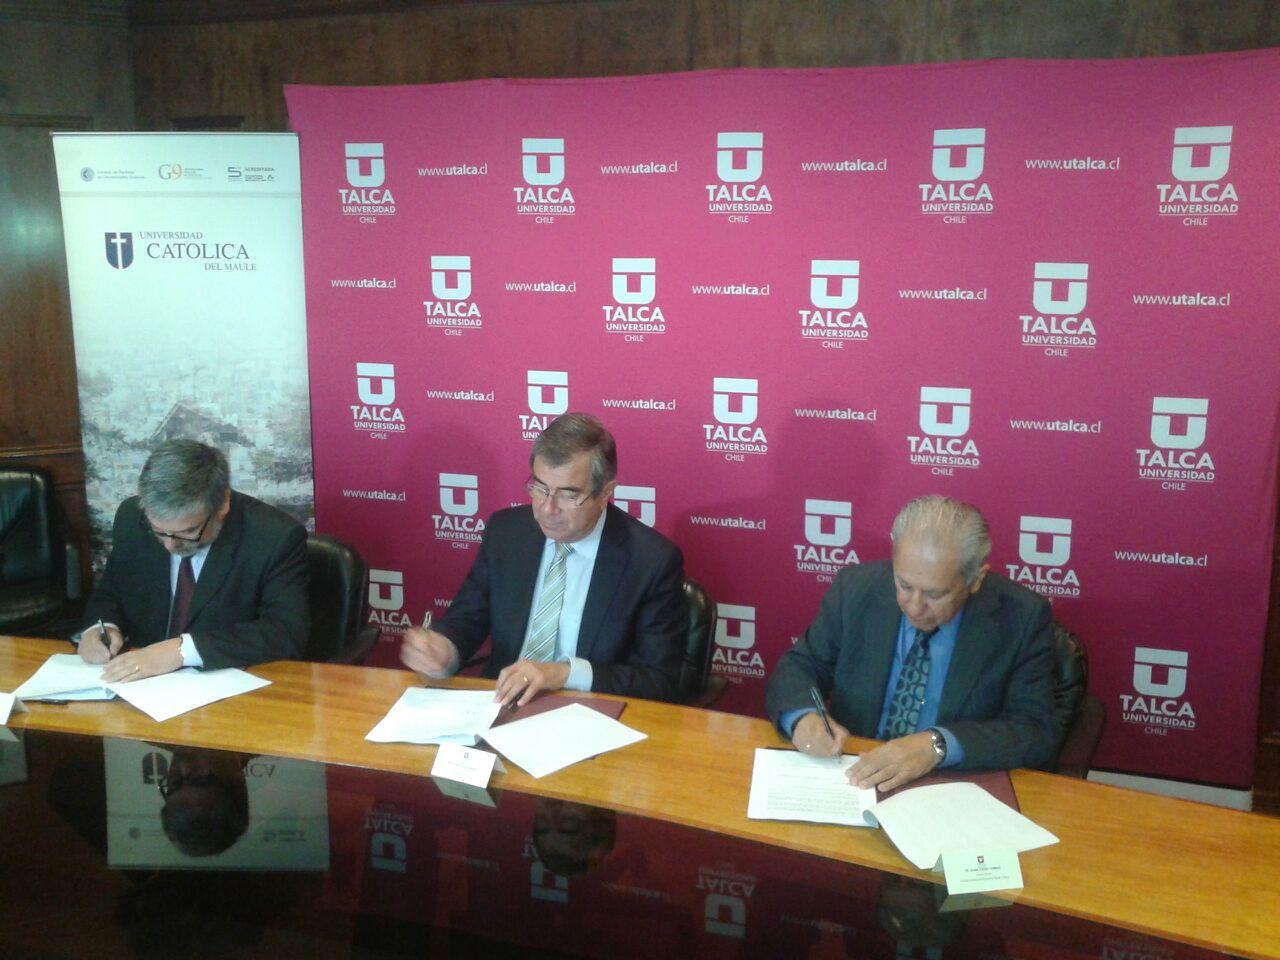 Universidades firman acuerdo para formación de especialistas médicos en la región